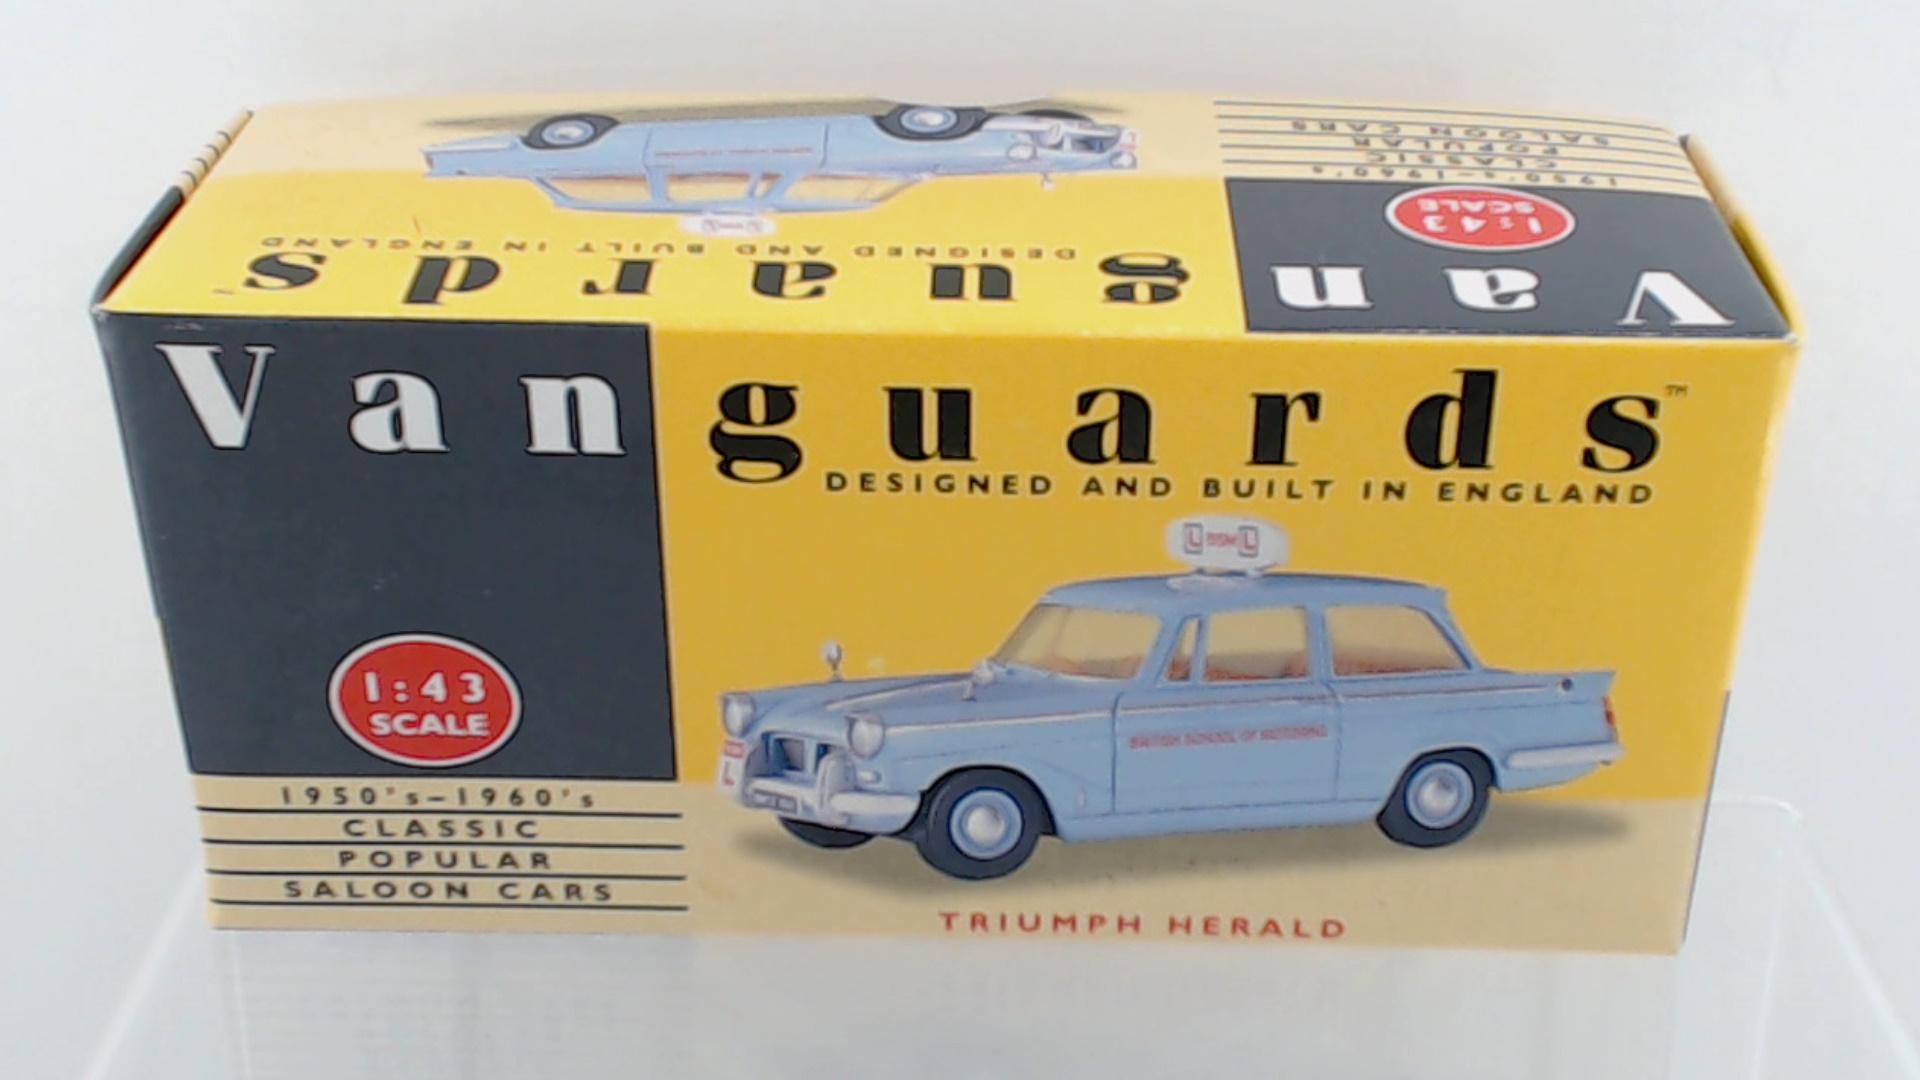 Picture Gallery for Vanguards VA5001 Triumph Herald